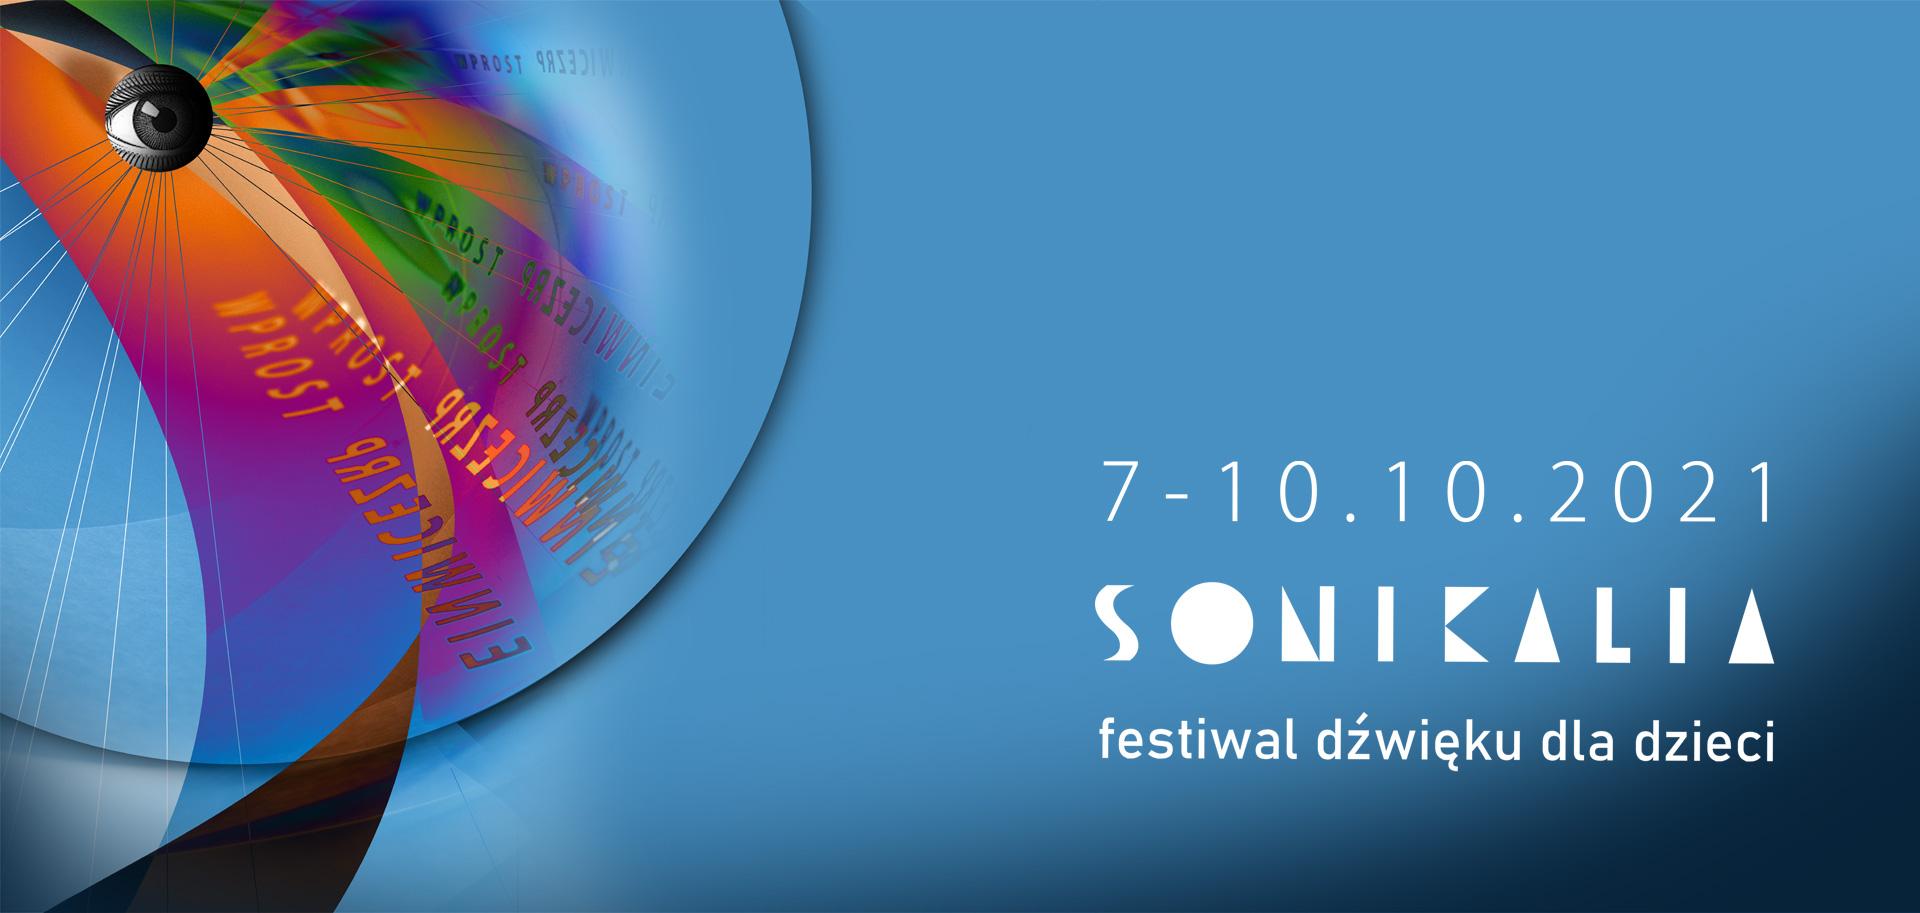 Sonikalia 2021 poster